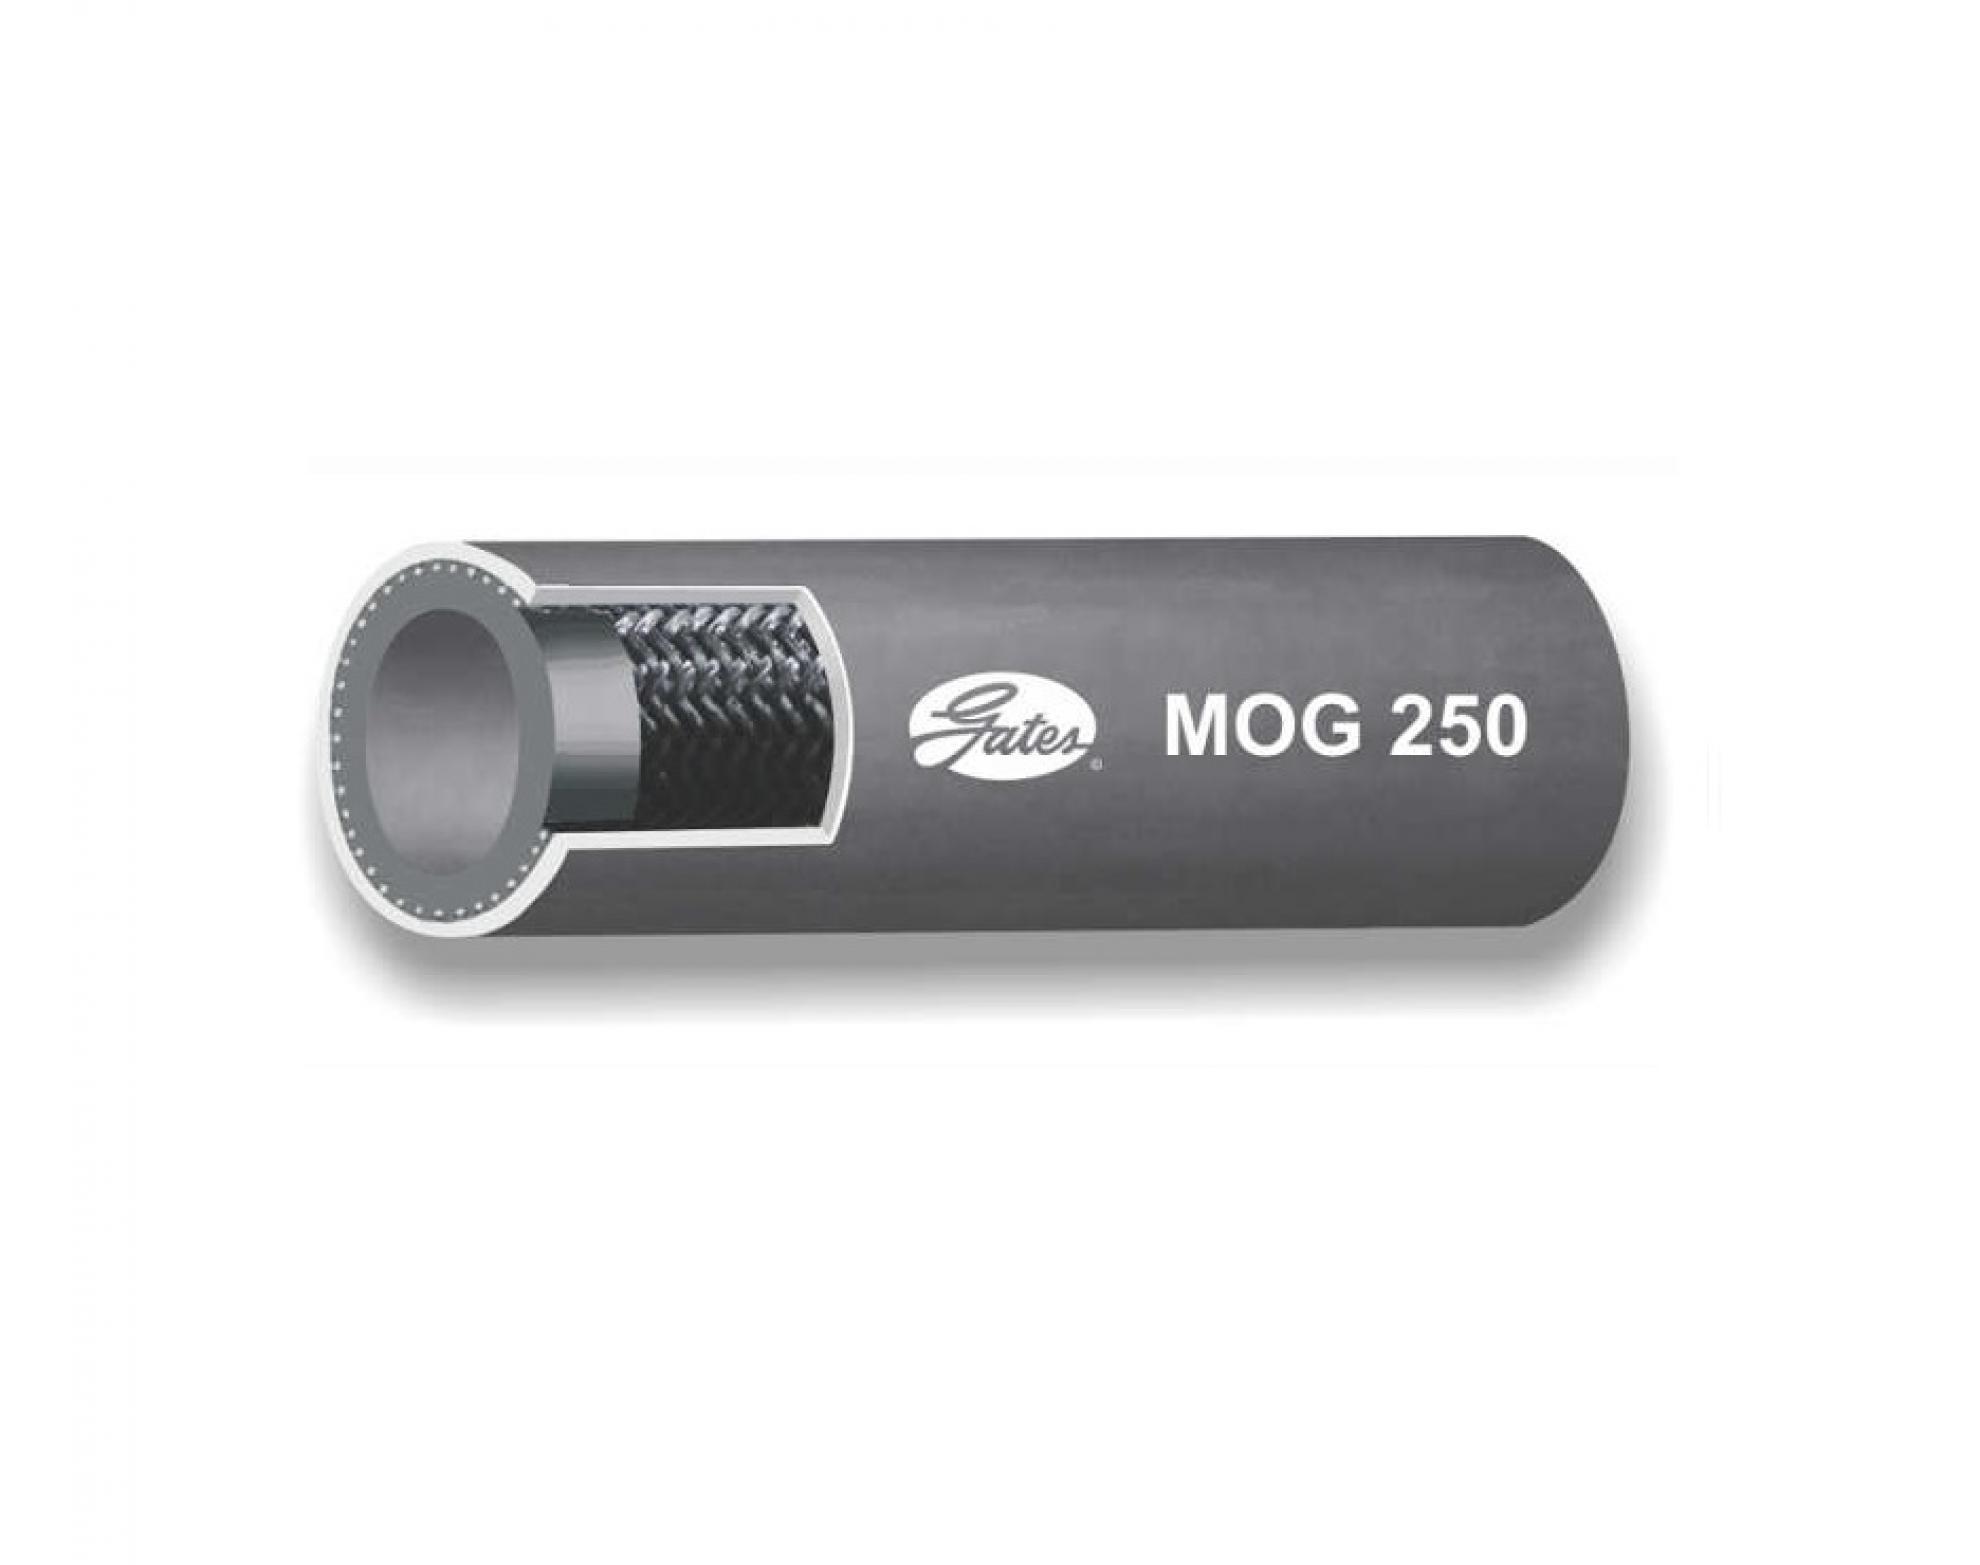 MANGUEIRAS INDUSTRIAIS MOG 250